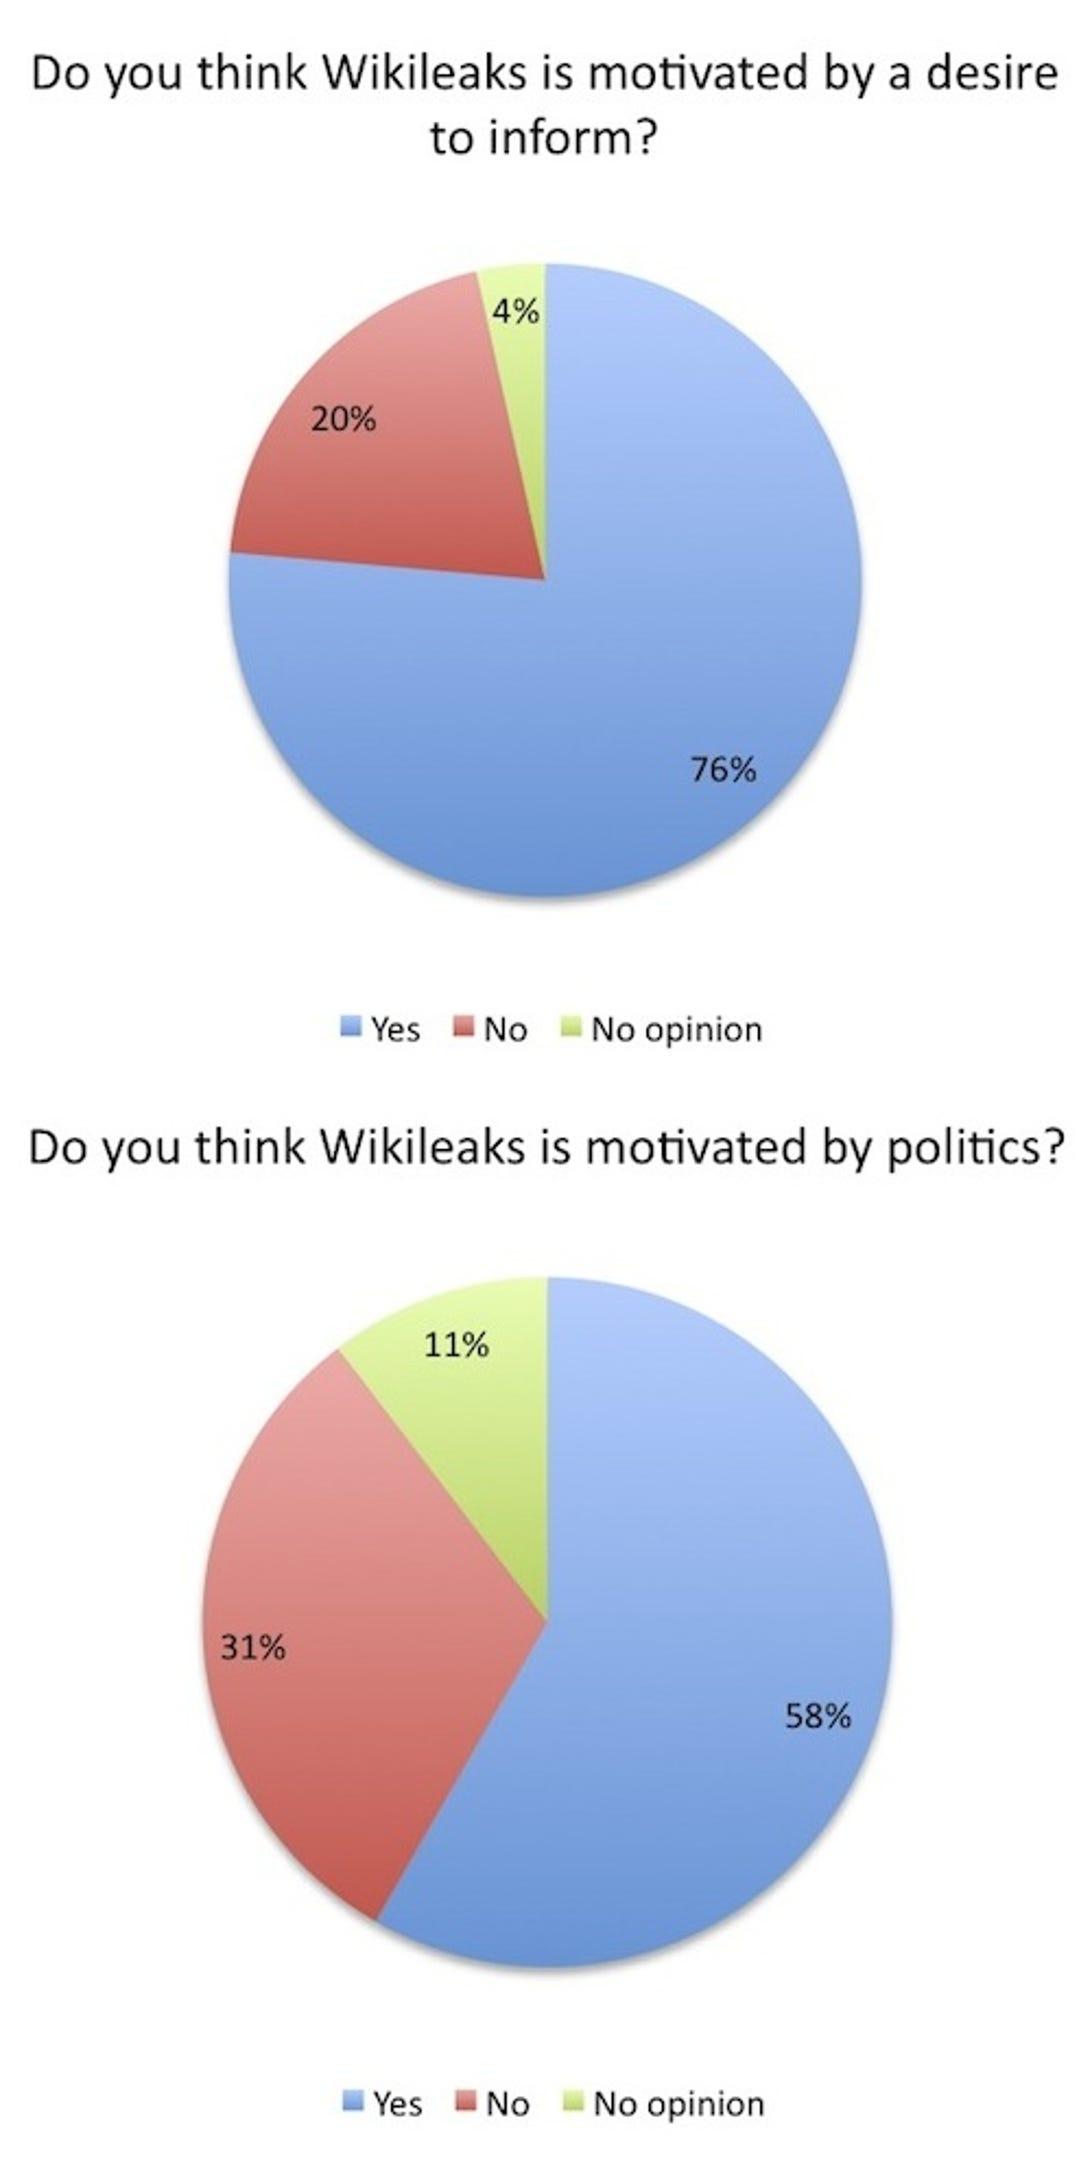 wikichart-2.jpg